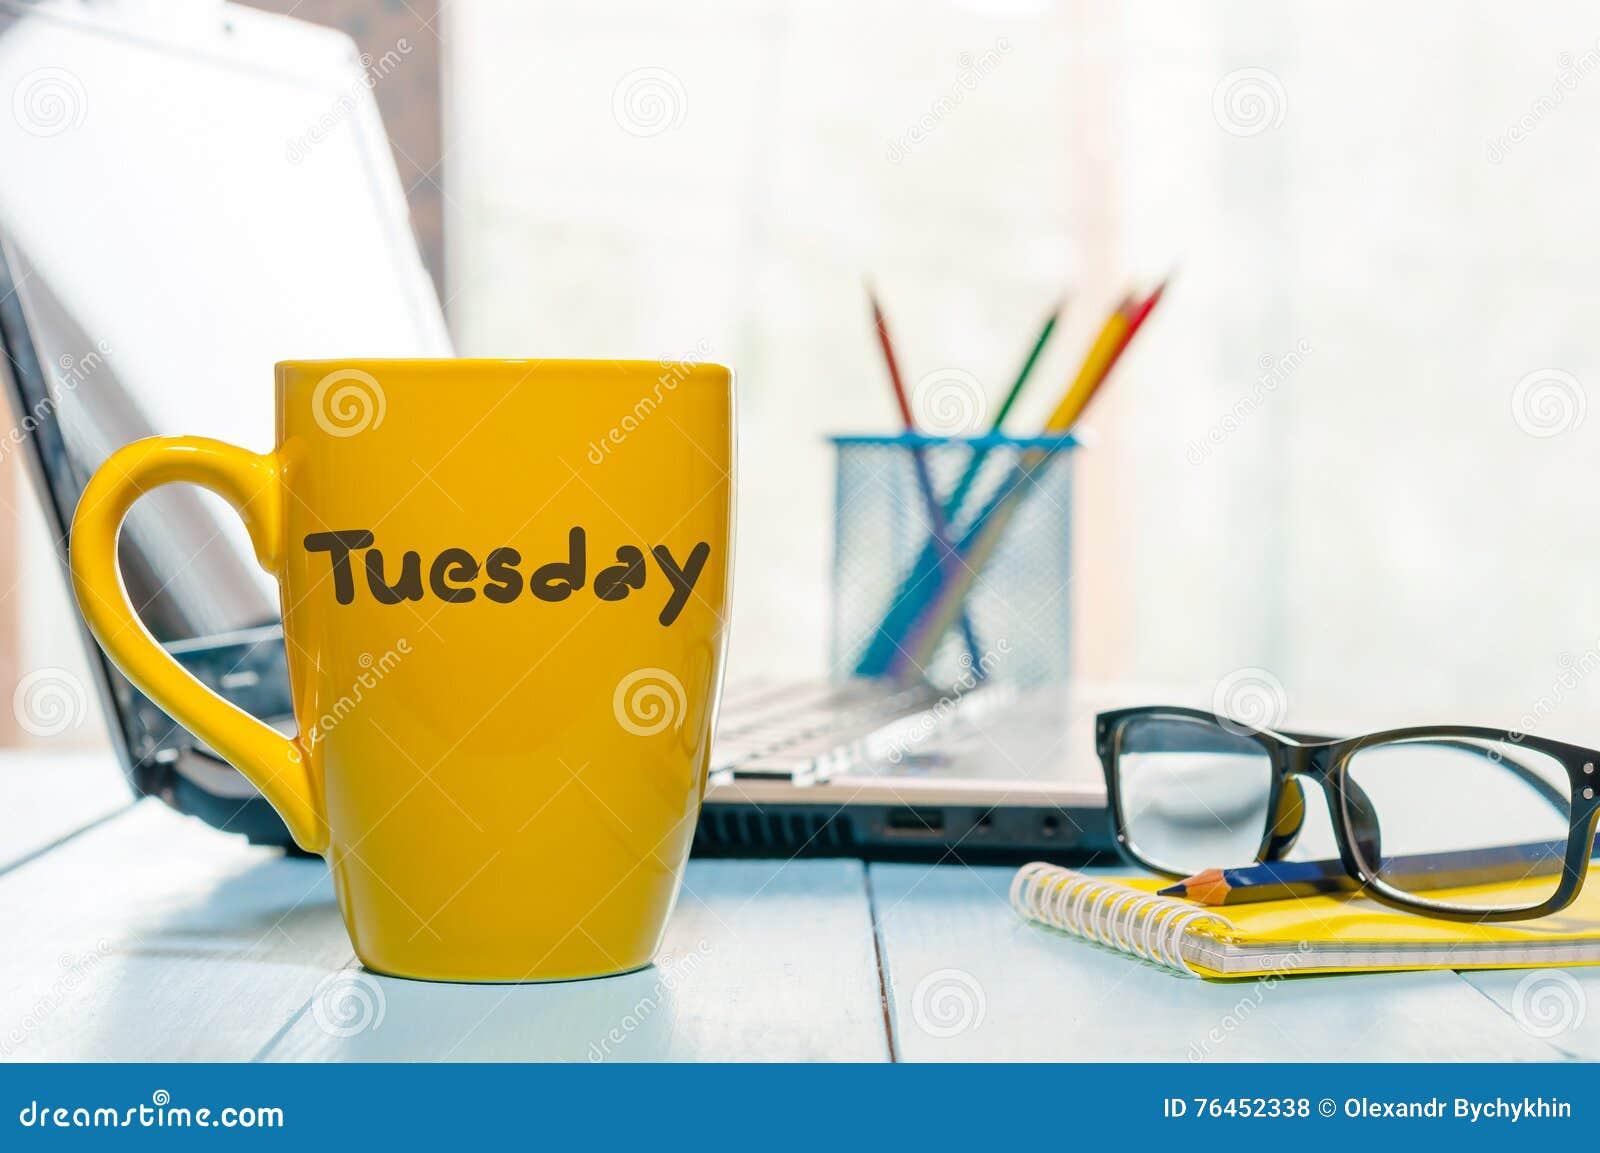 De dinsdag op gele koffie of theekop bij houten raad wordt geschreven dient, werkplaats, de ochtendachtergrond die van het bureau